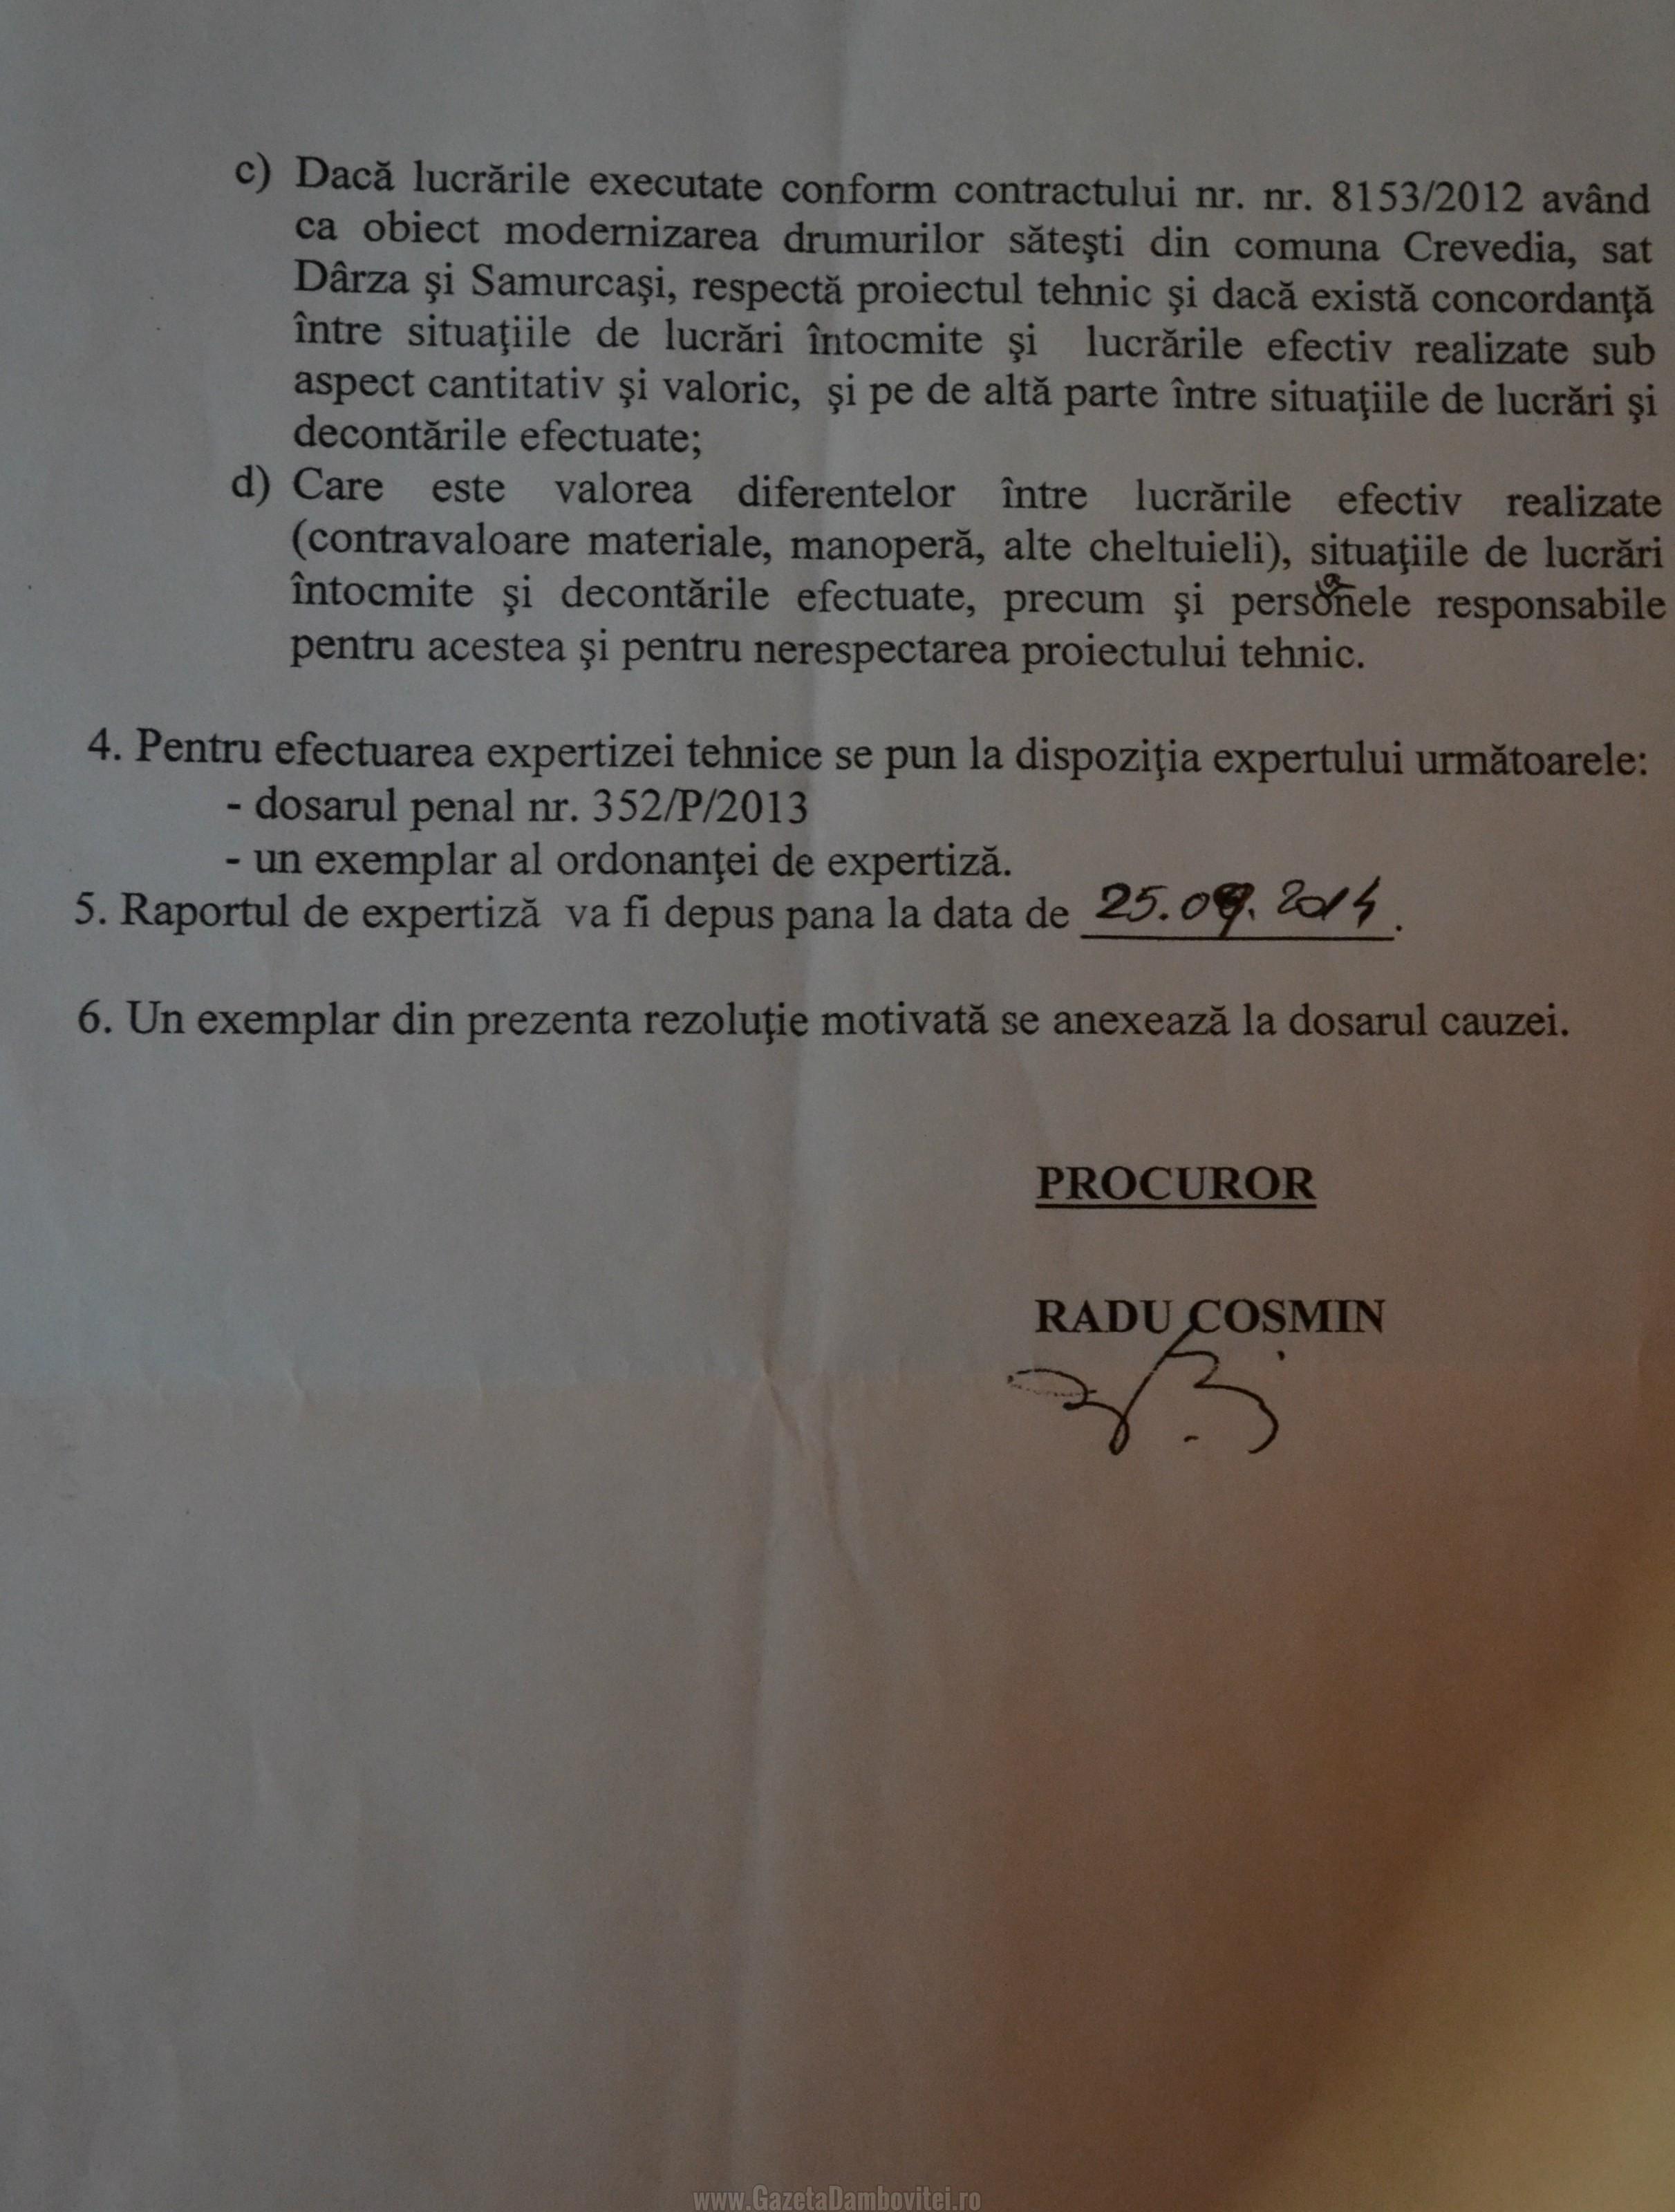 dosar-penal-teodorescu-crevedia1